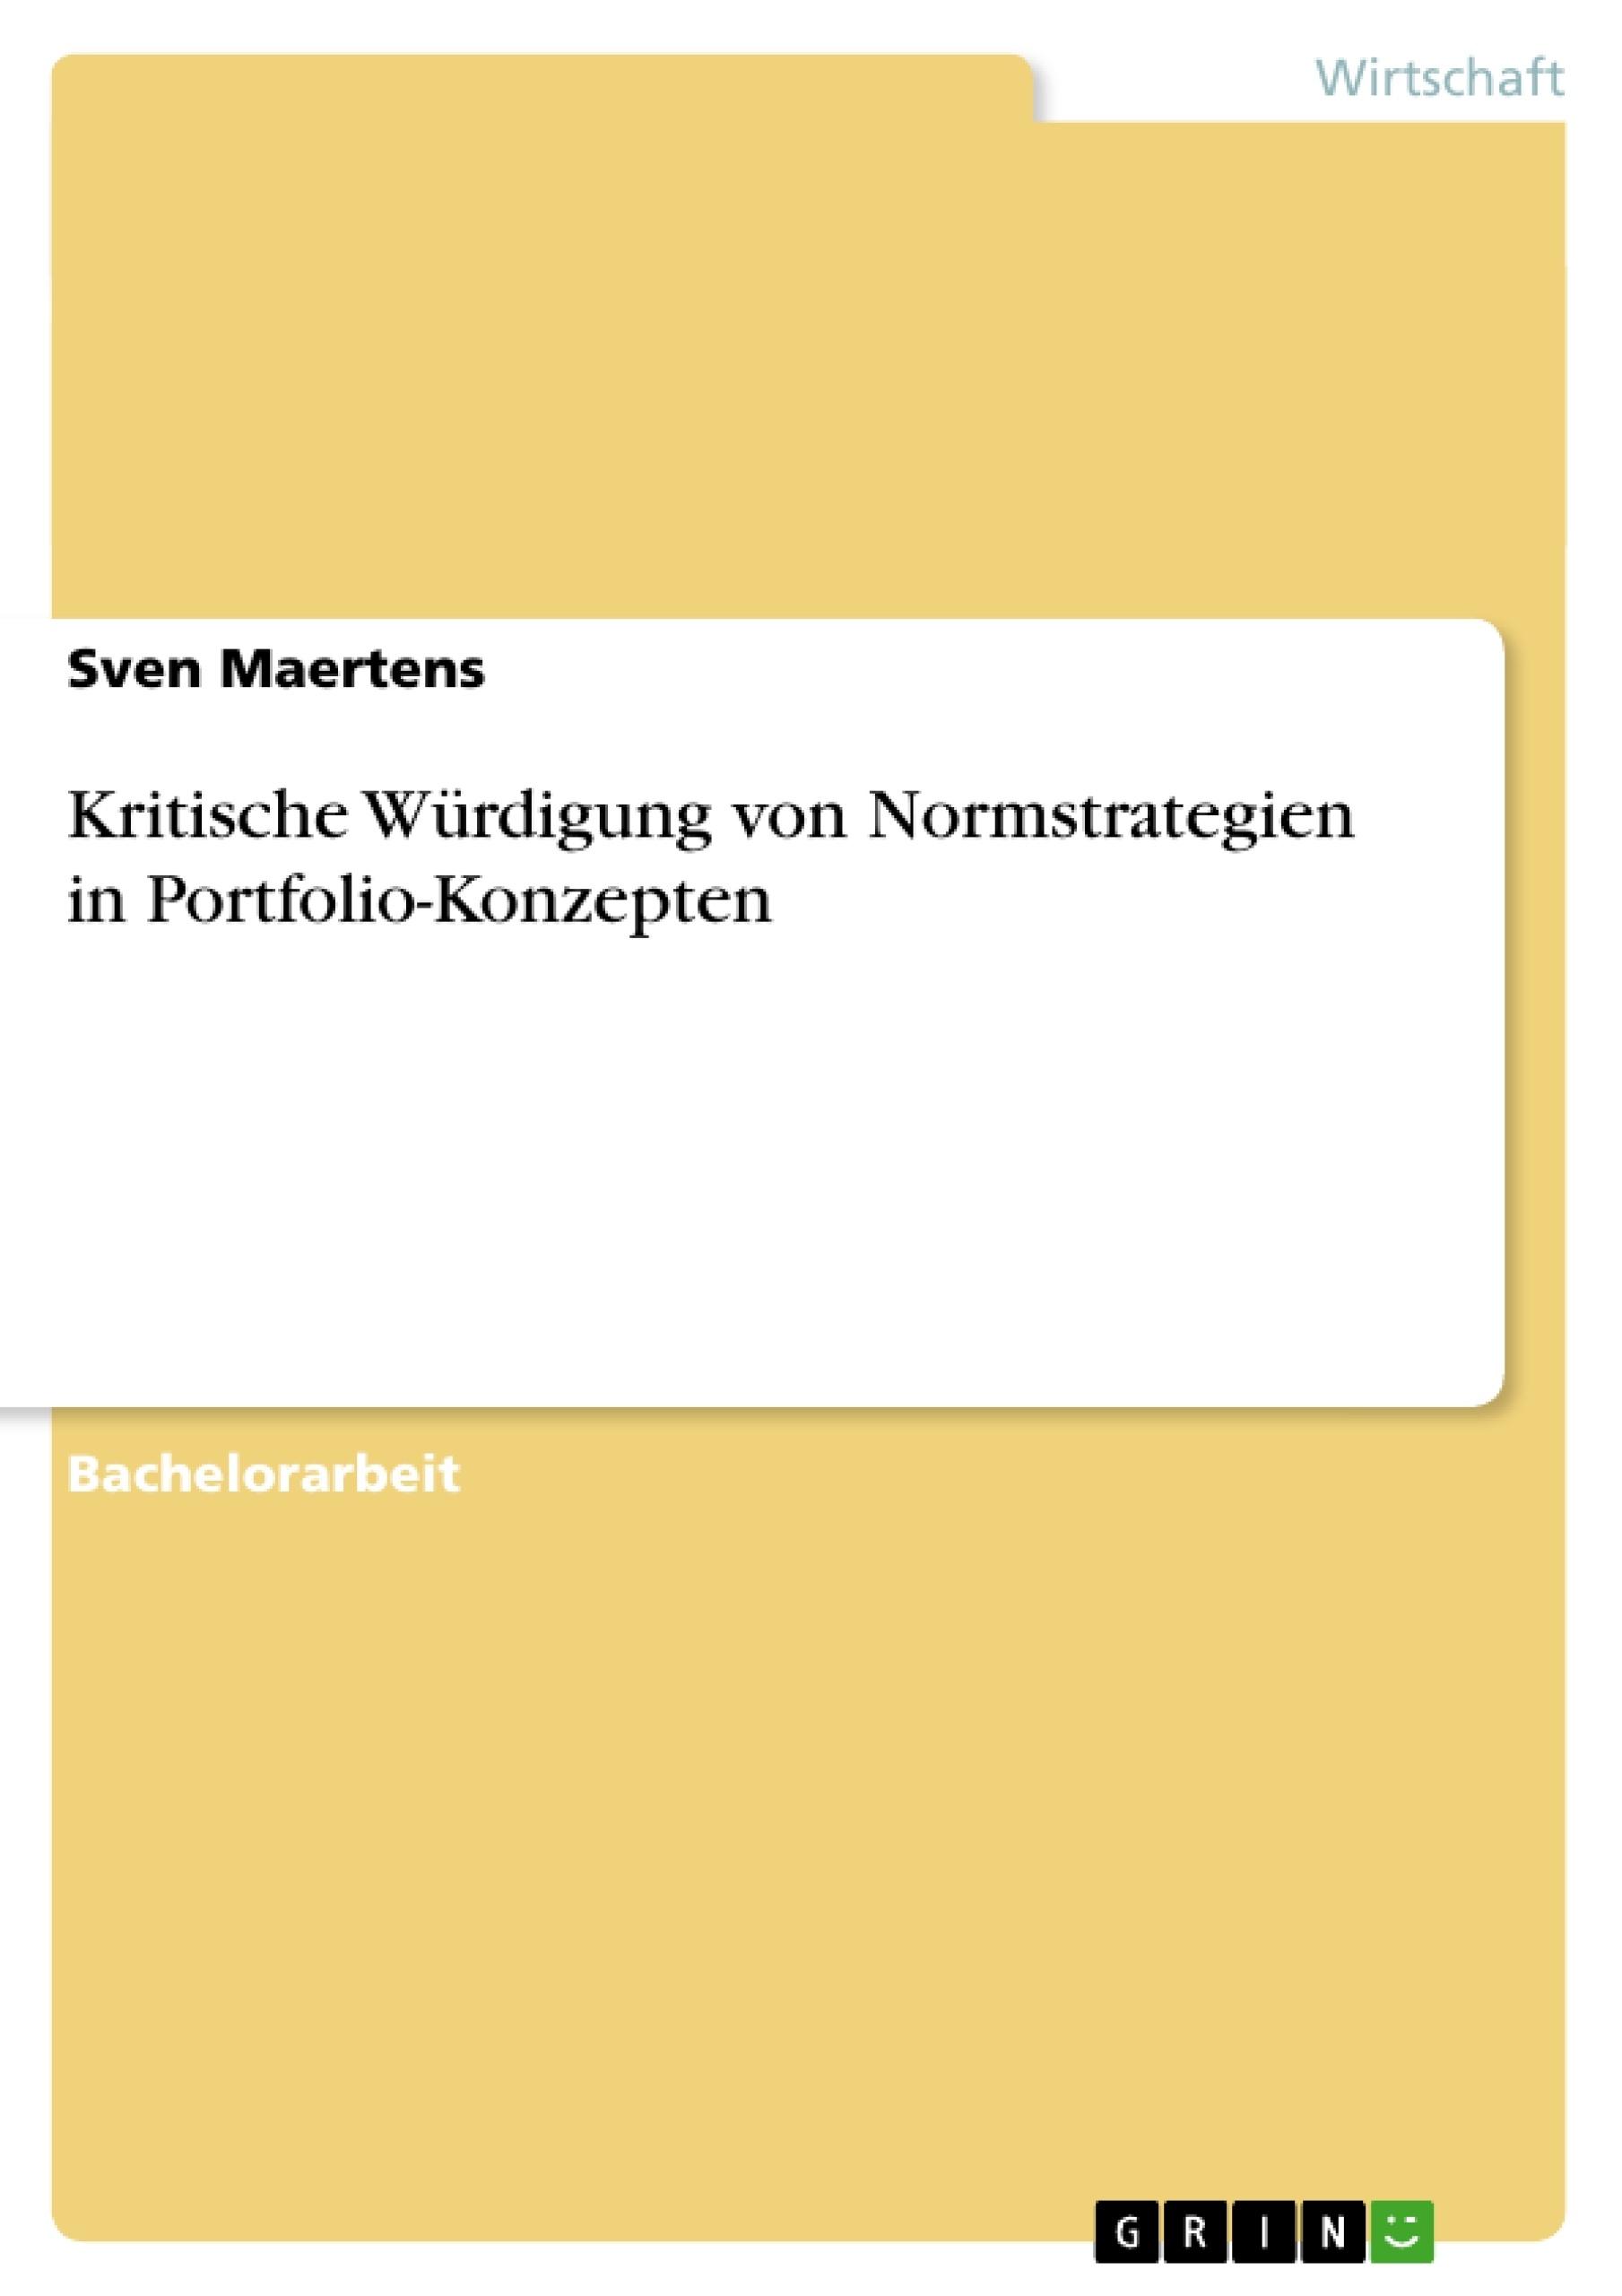 Titel: Kritische Würdigung von Normstrategien in Portfolio-Konzepten